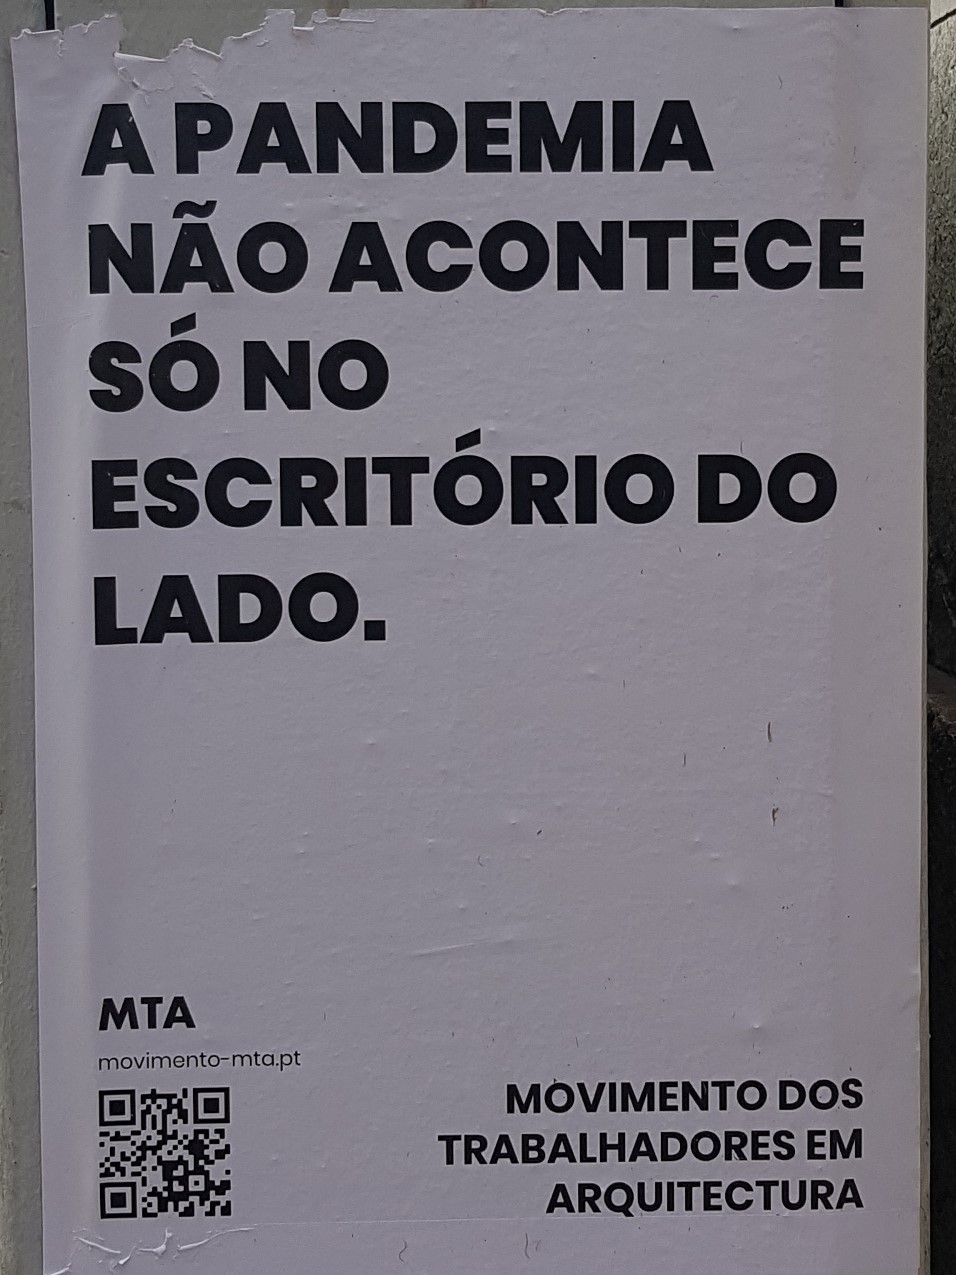 MTA_20210227_173020